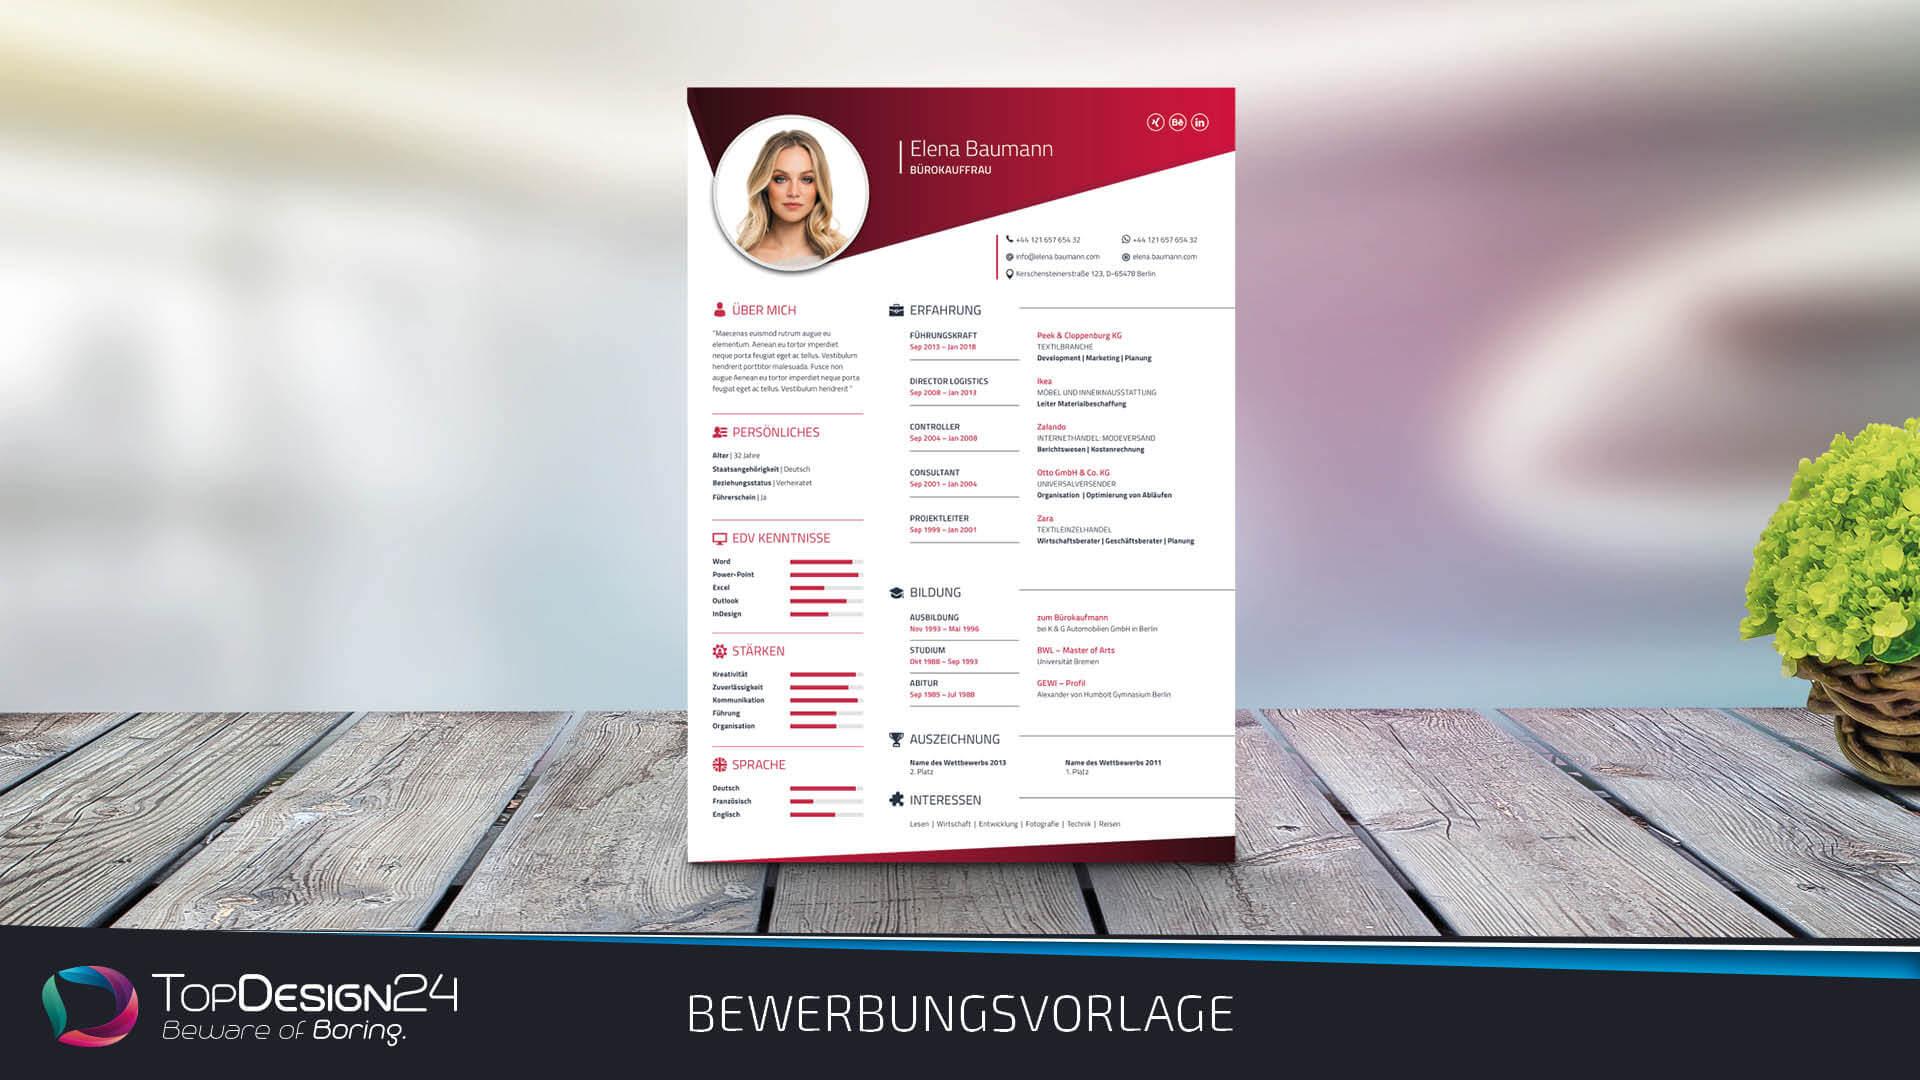 Lebenslauf Vorlage 2018 - TopDesign24 Bewerbungsvorlage Word 2018